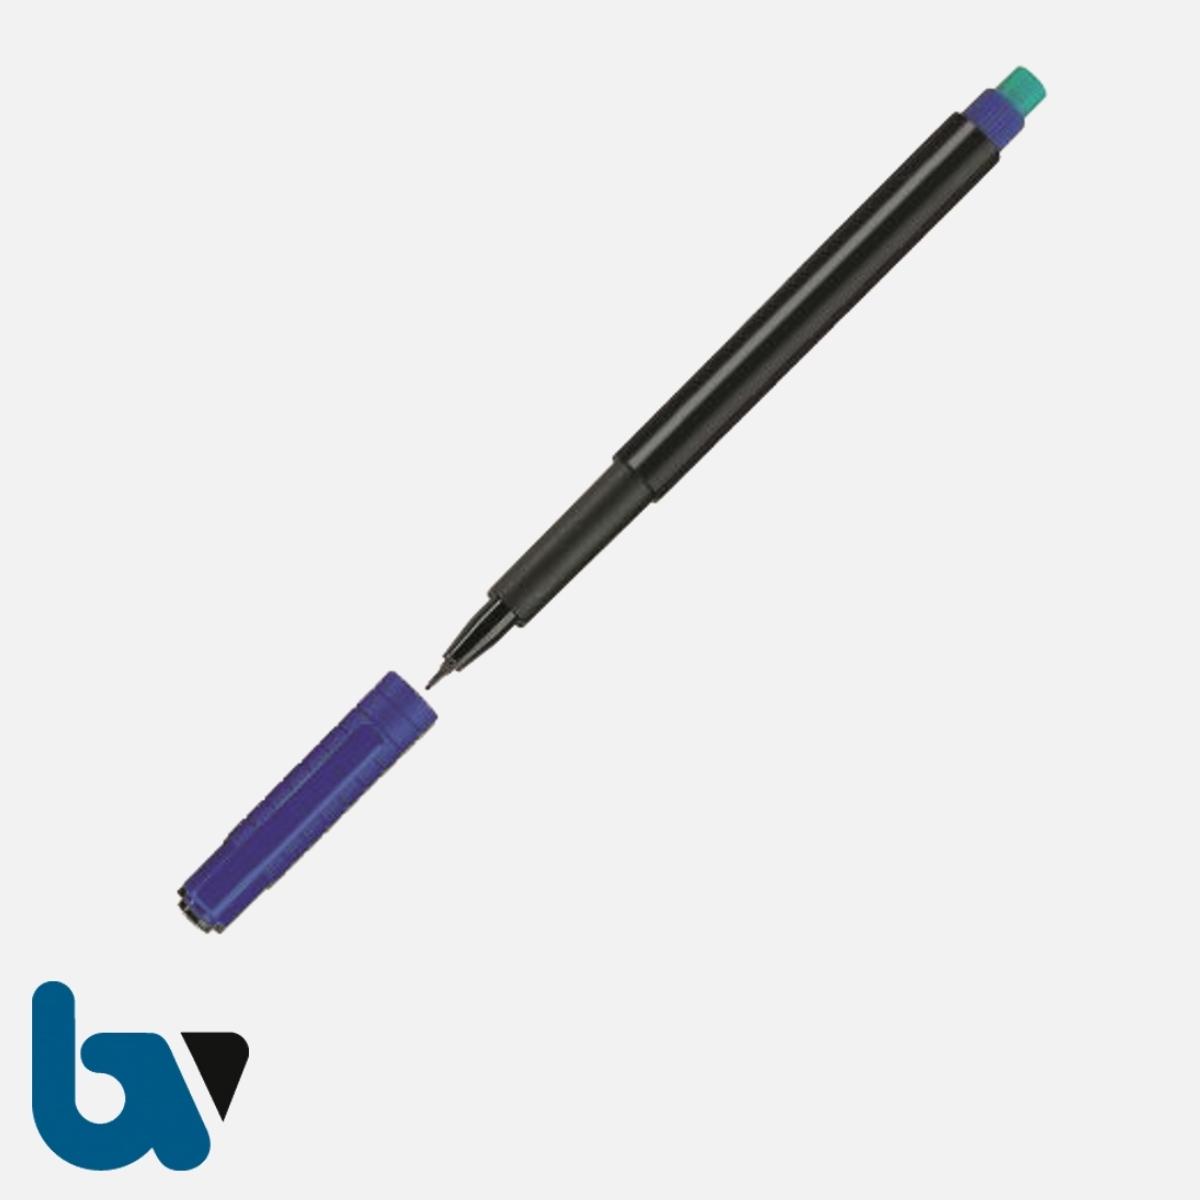 0/519-23.1 Dokumentenstifte dokumentenecht 0,4 mm blau | Borgard Verlag GmbH